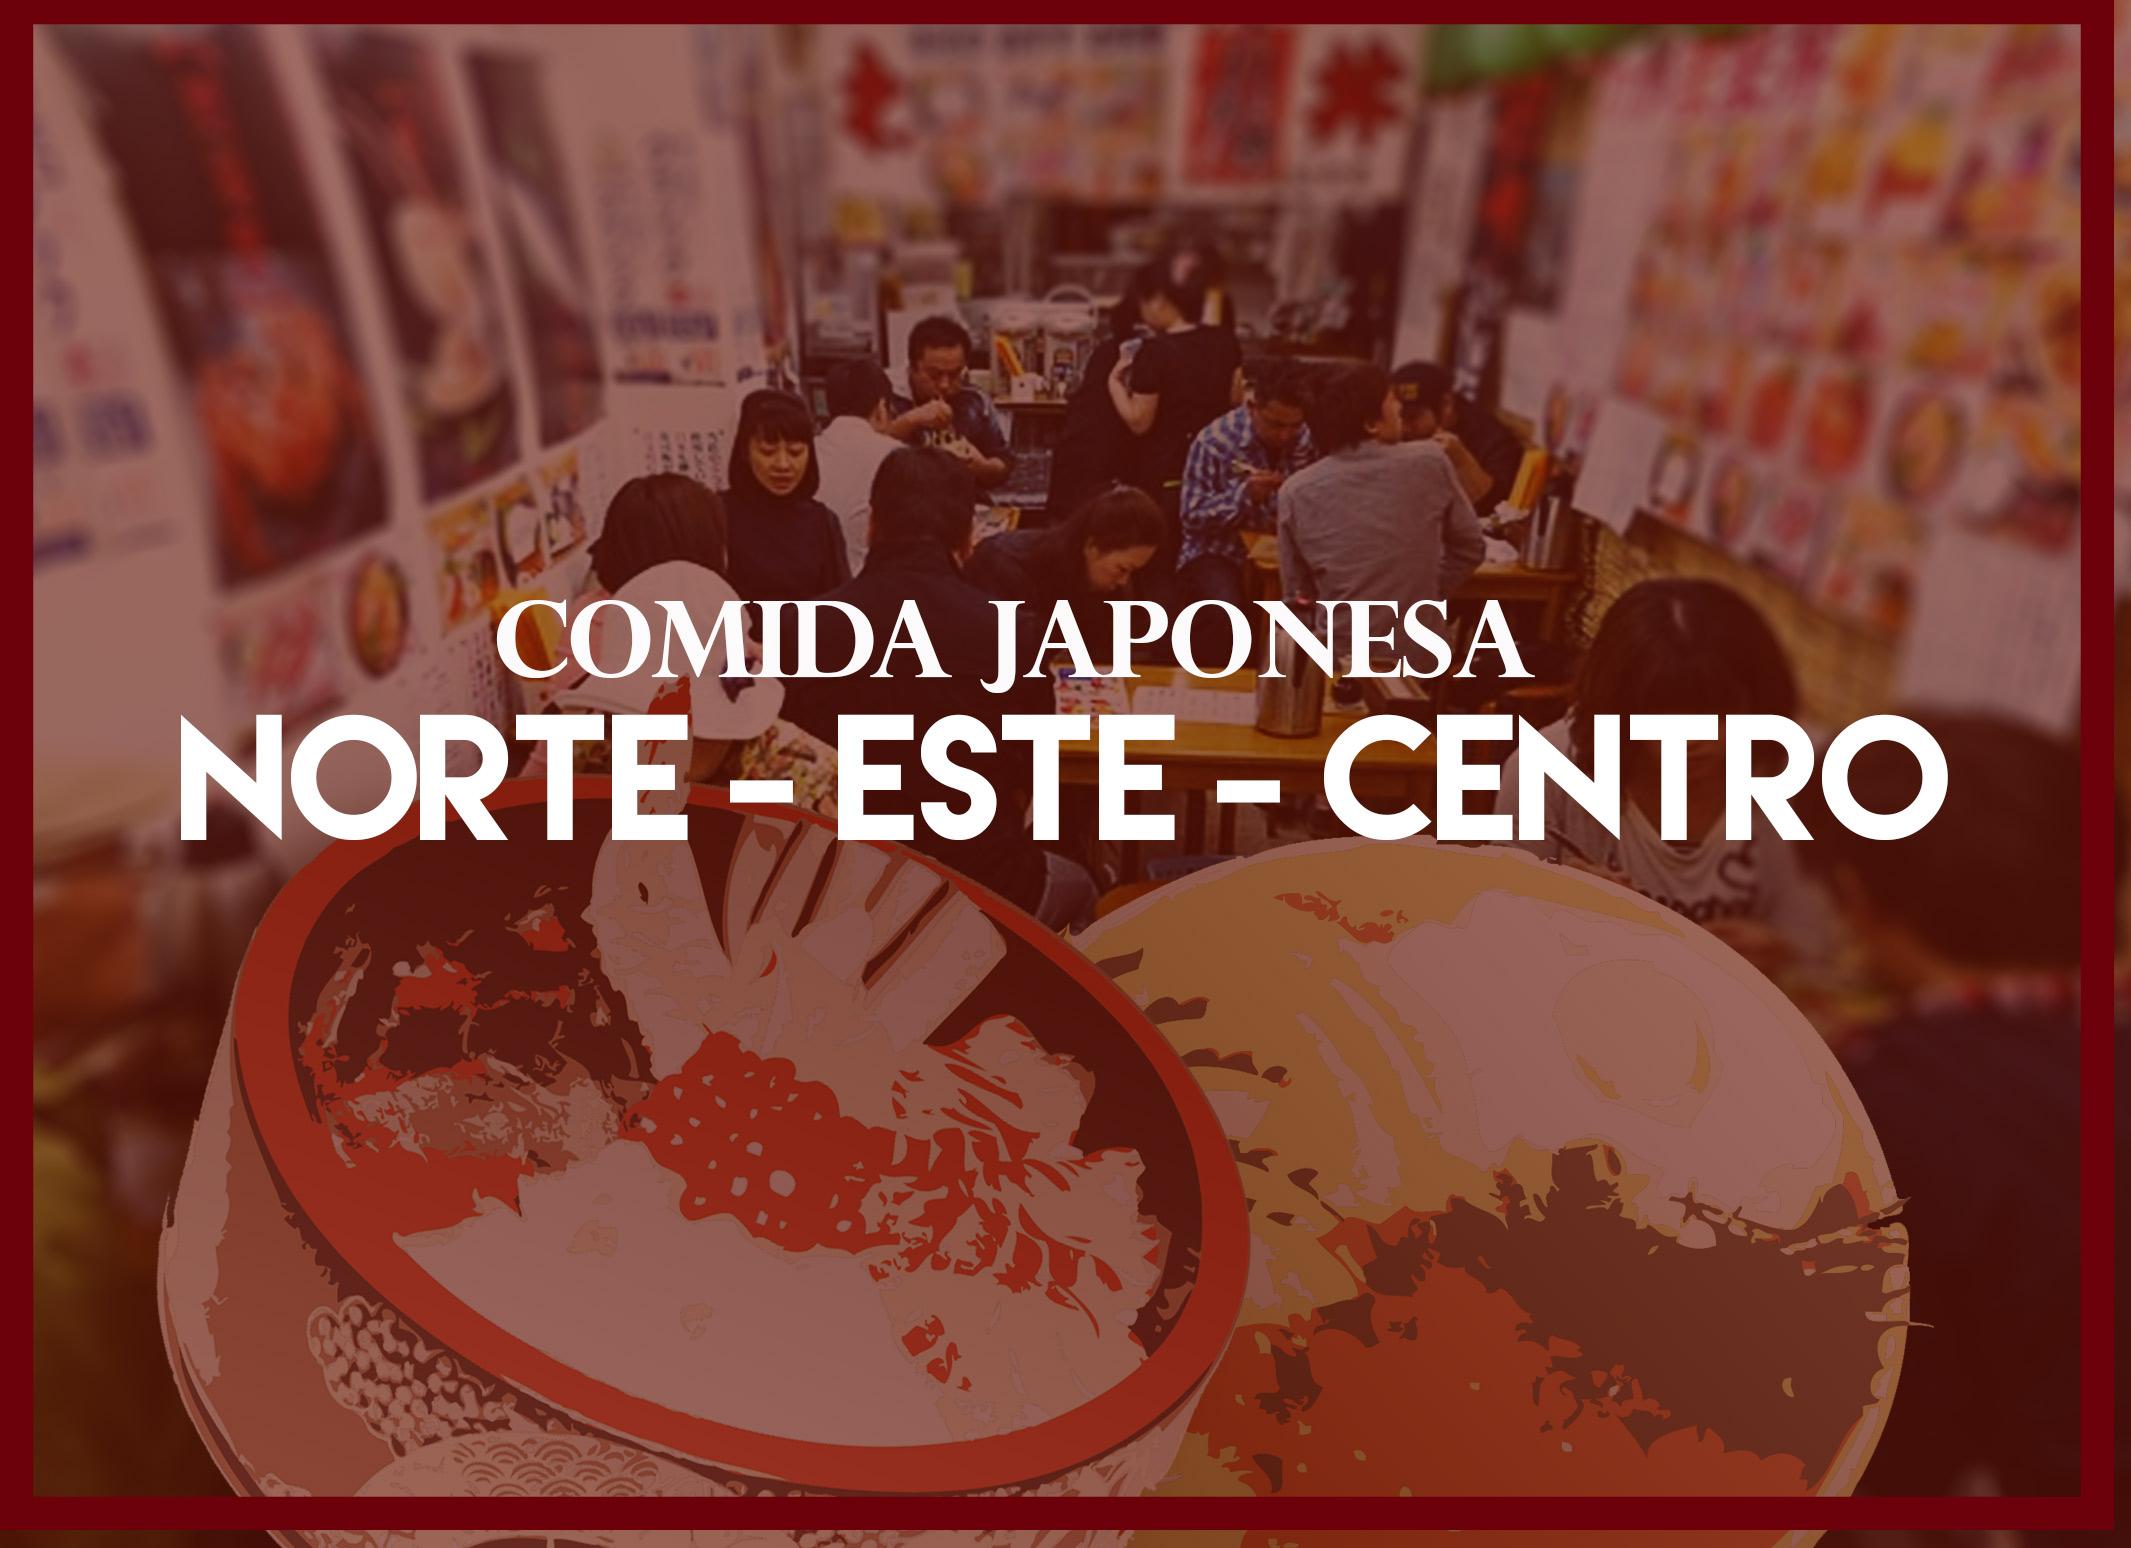 Comidas famosas de cada prefectura en Japón: Norte, Este y Centro